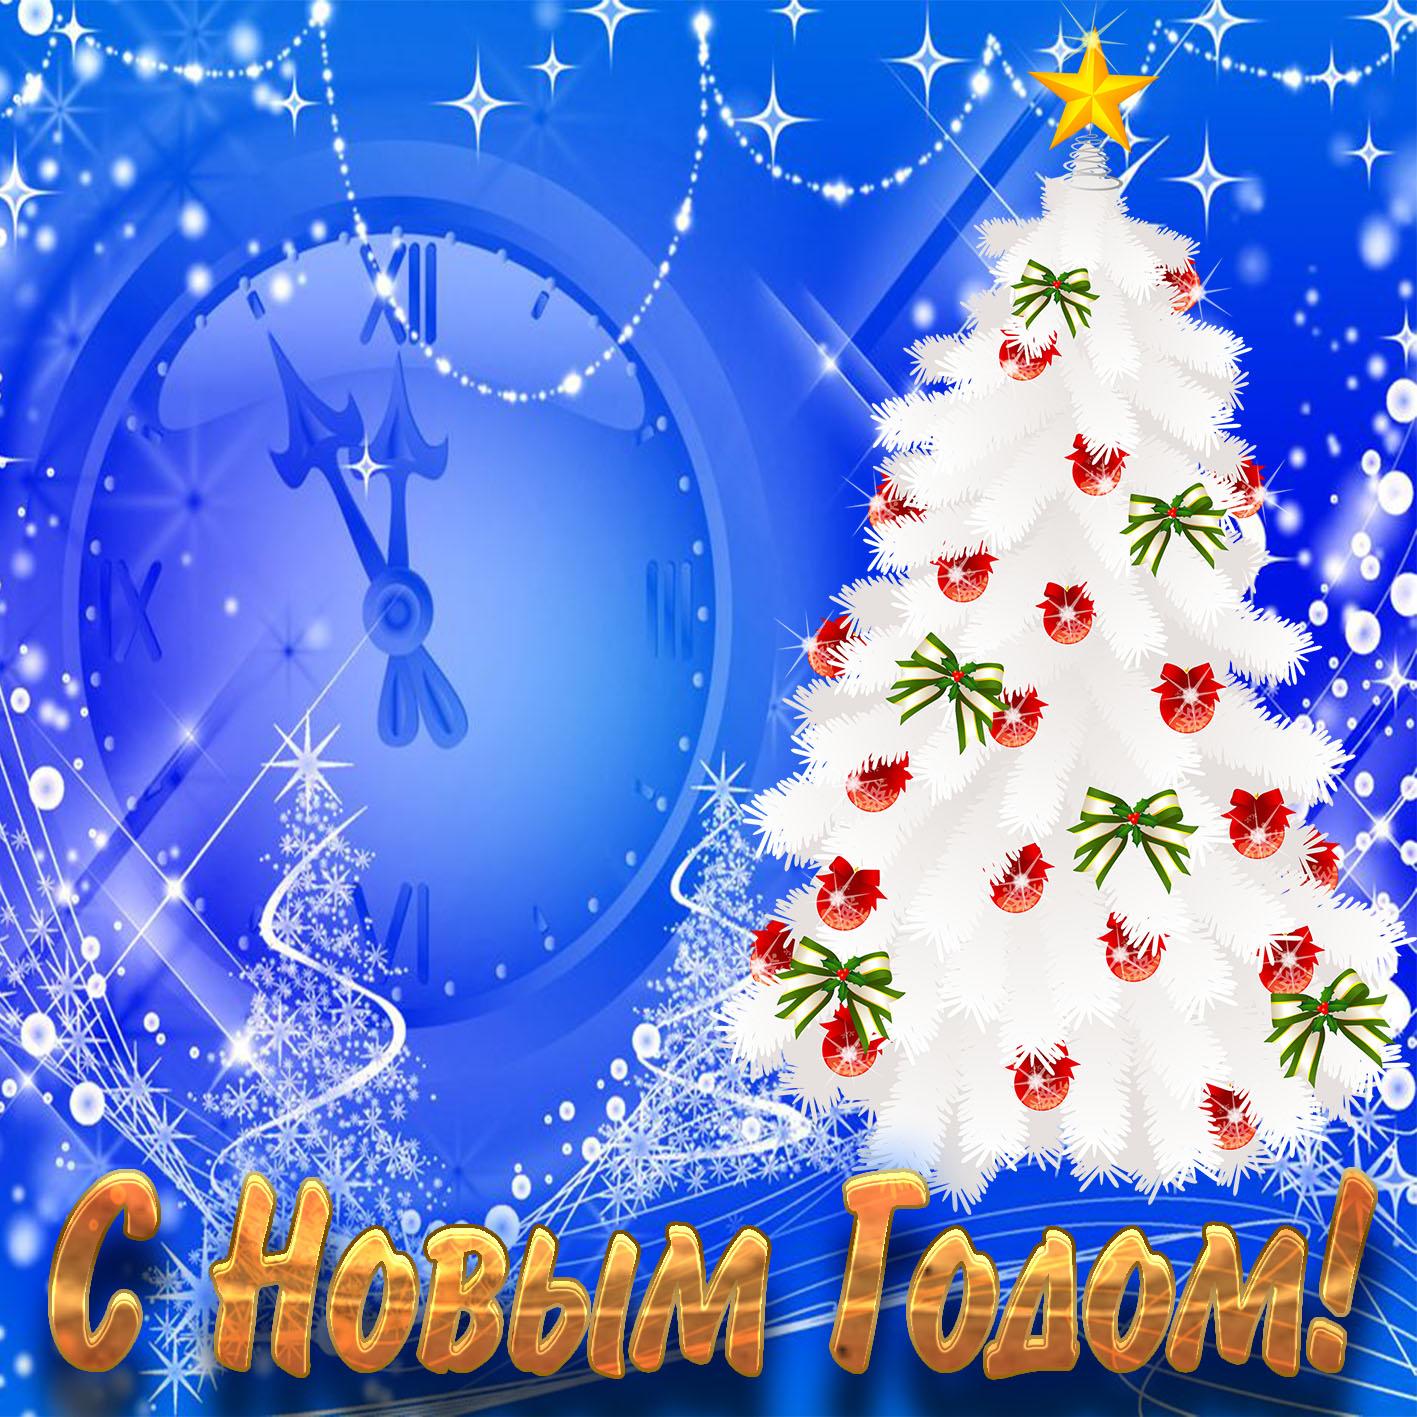 Открытка с Новым годом - новогодняя ёлка на красивом фоне с часами